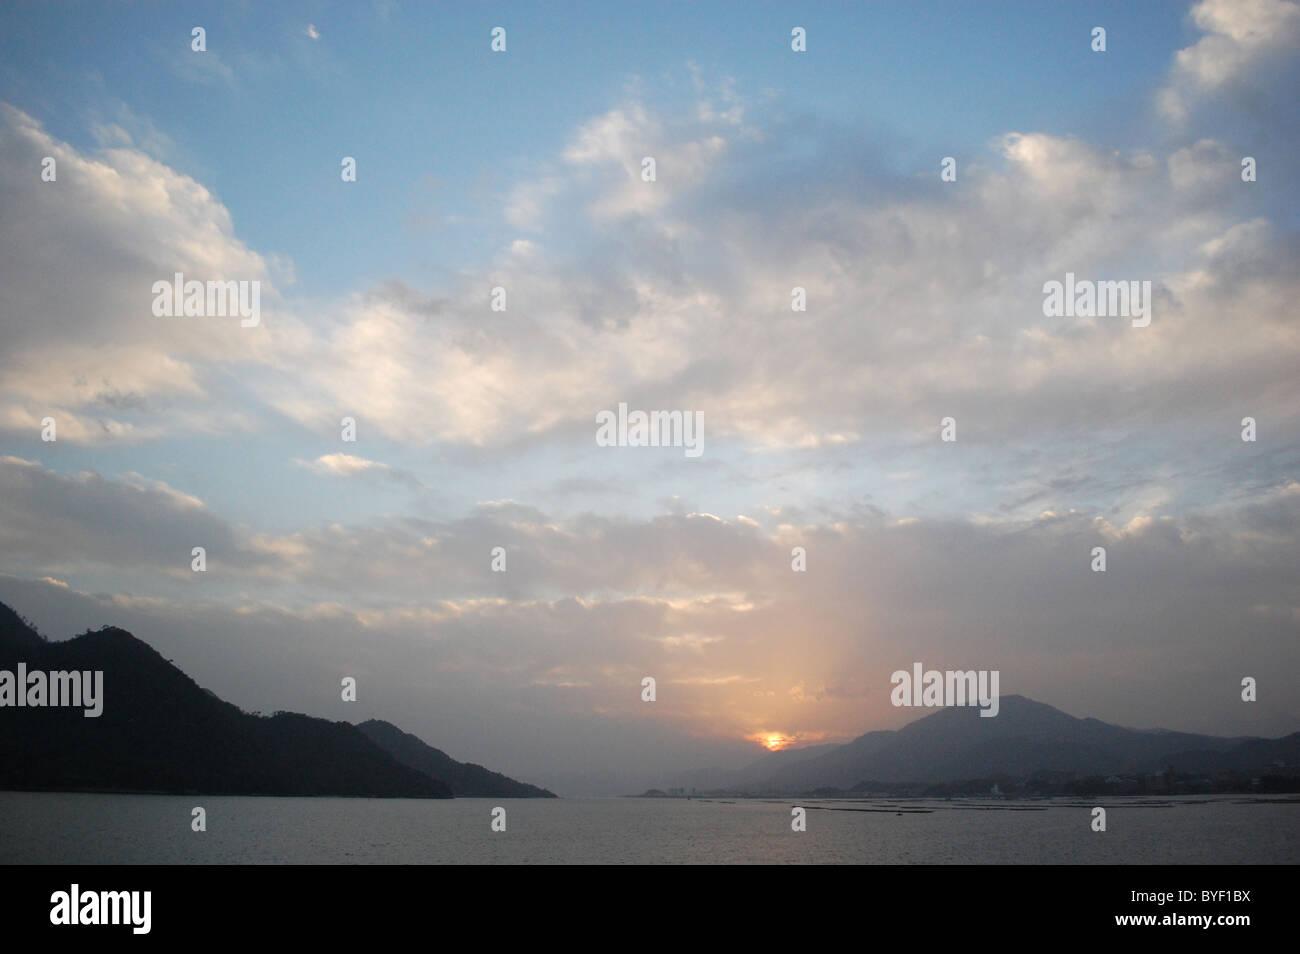 sunset-over-miyajima-island-near-hiroshi